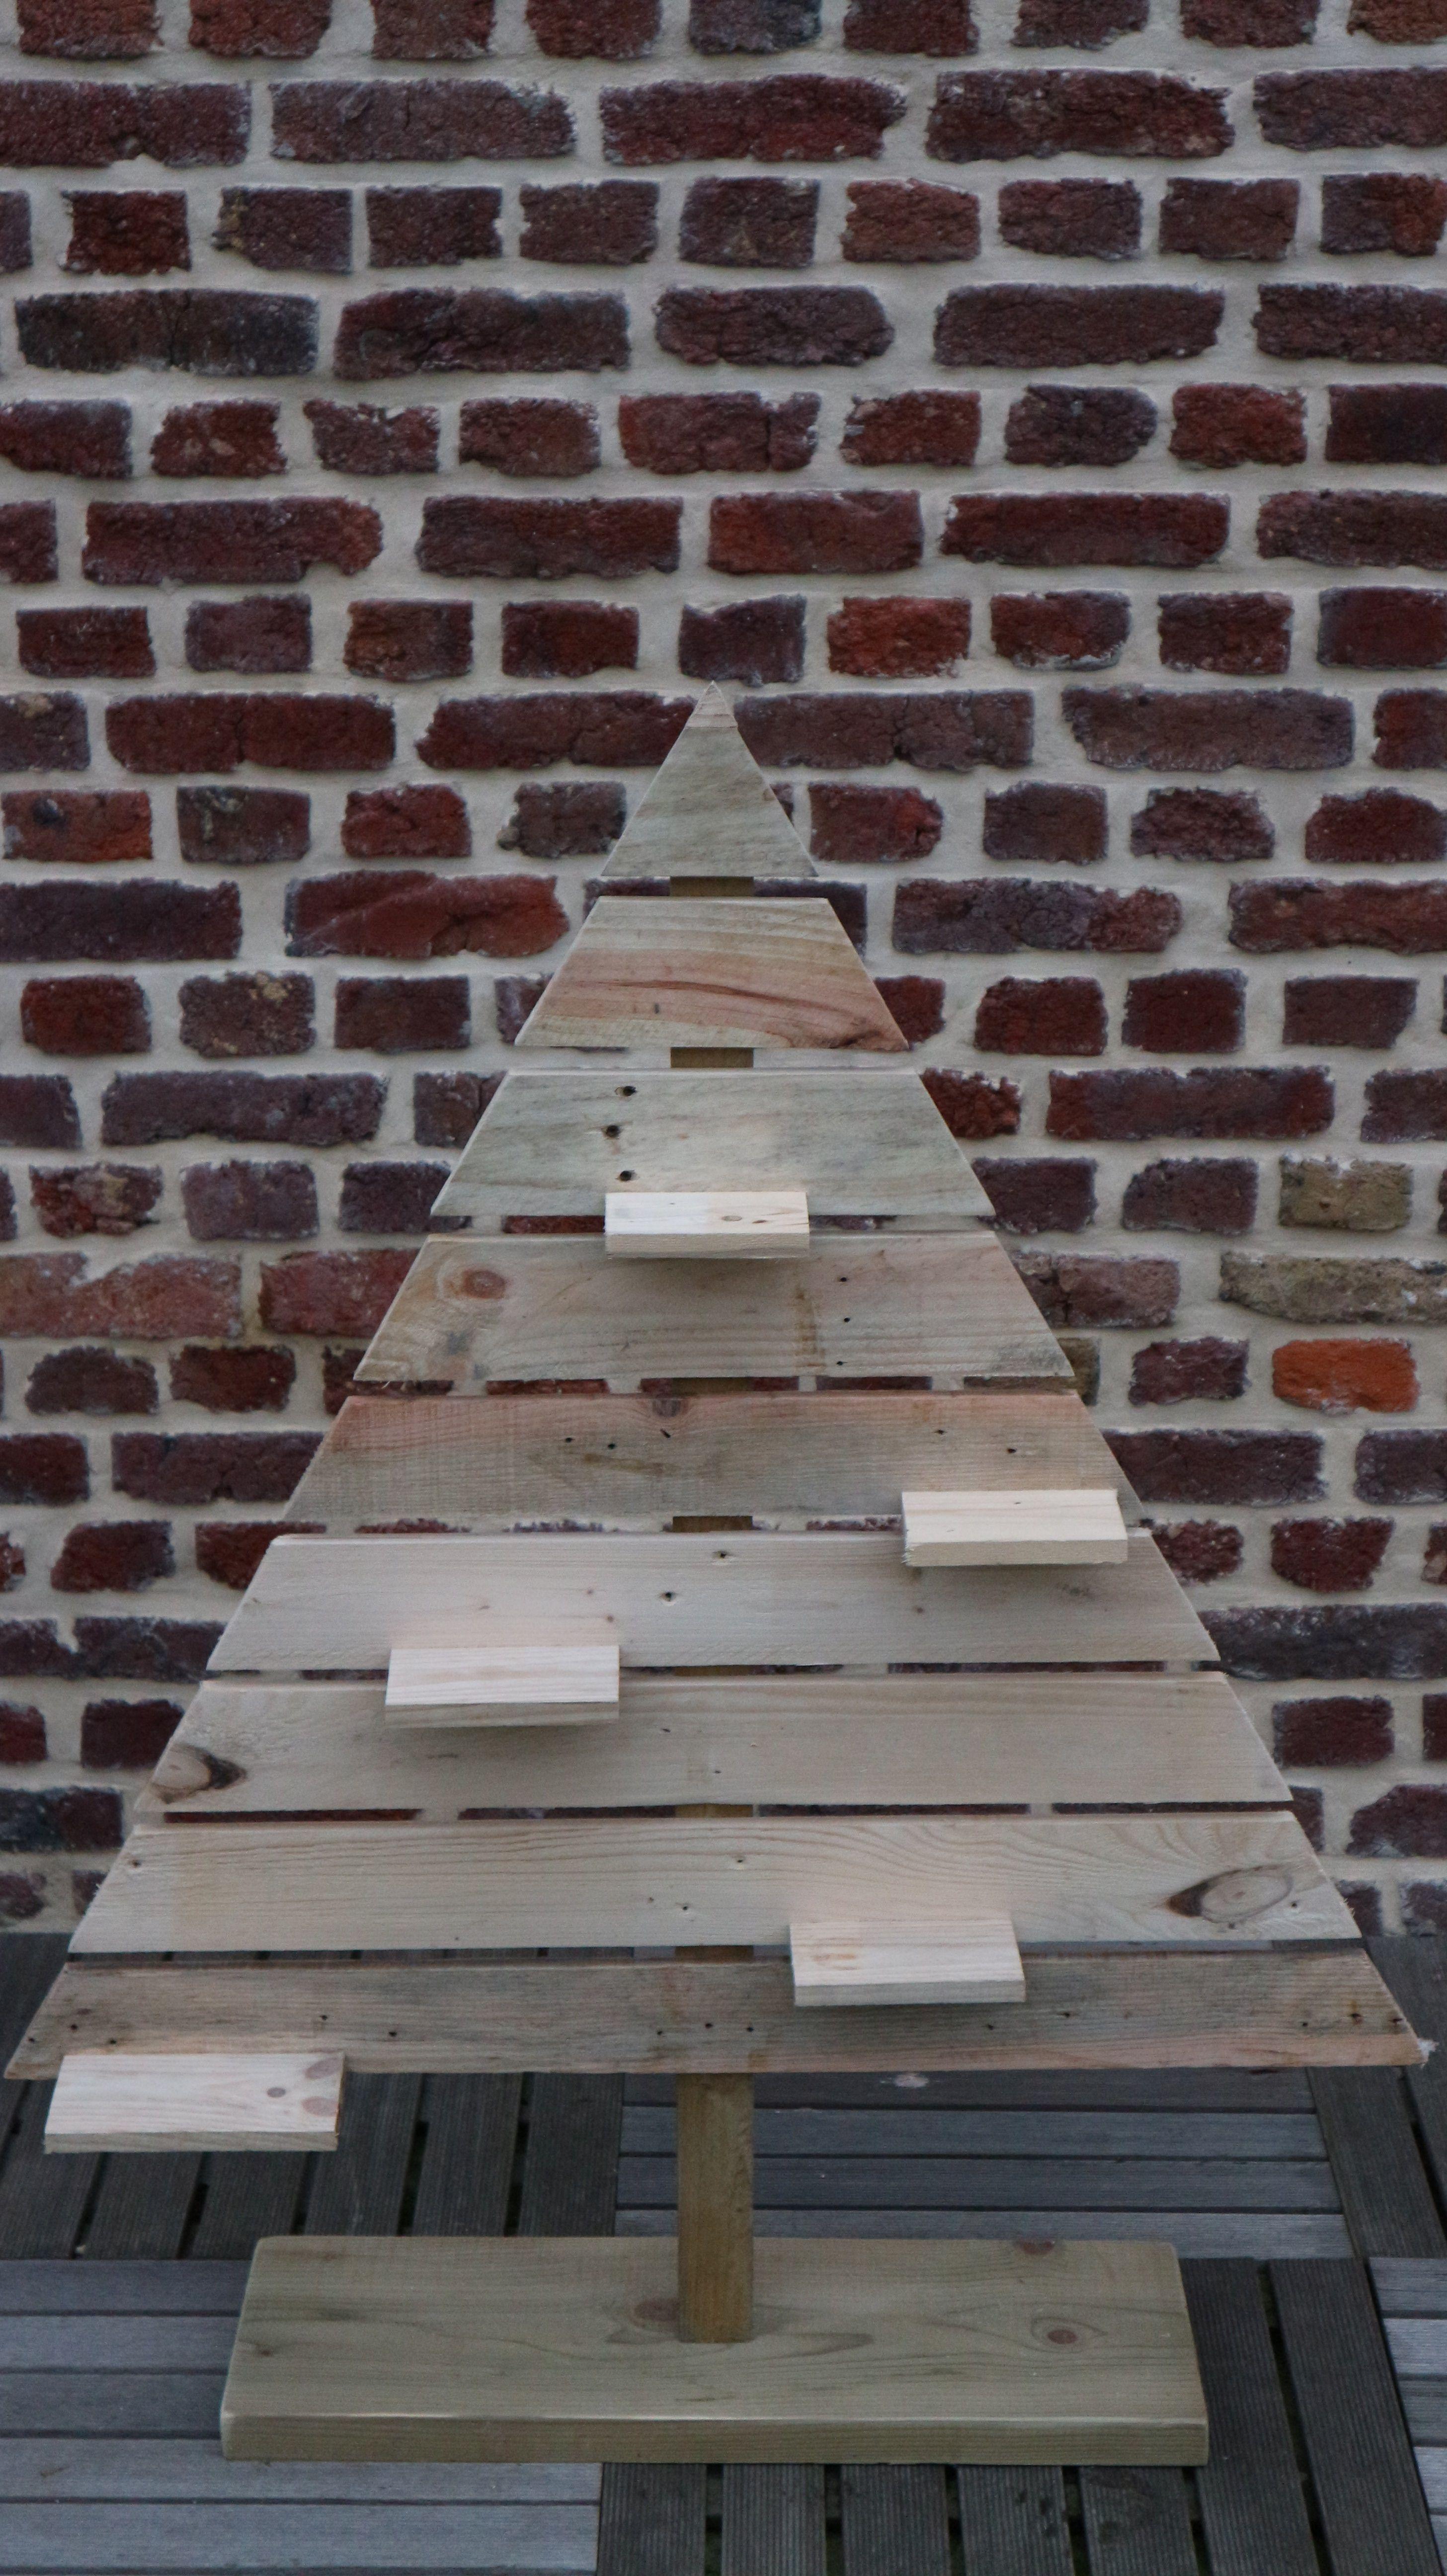 sapin noel en bois palette pour un Noël tendance et écologique https://www.alittlemarket.com/accessoires-de-maison/fr_sapin_en_bois_de_palette_-19641468.html